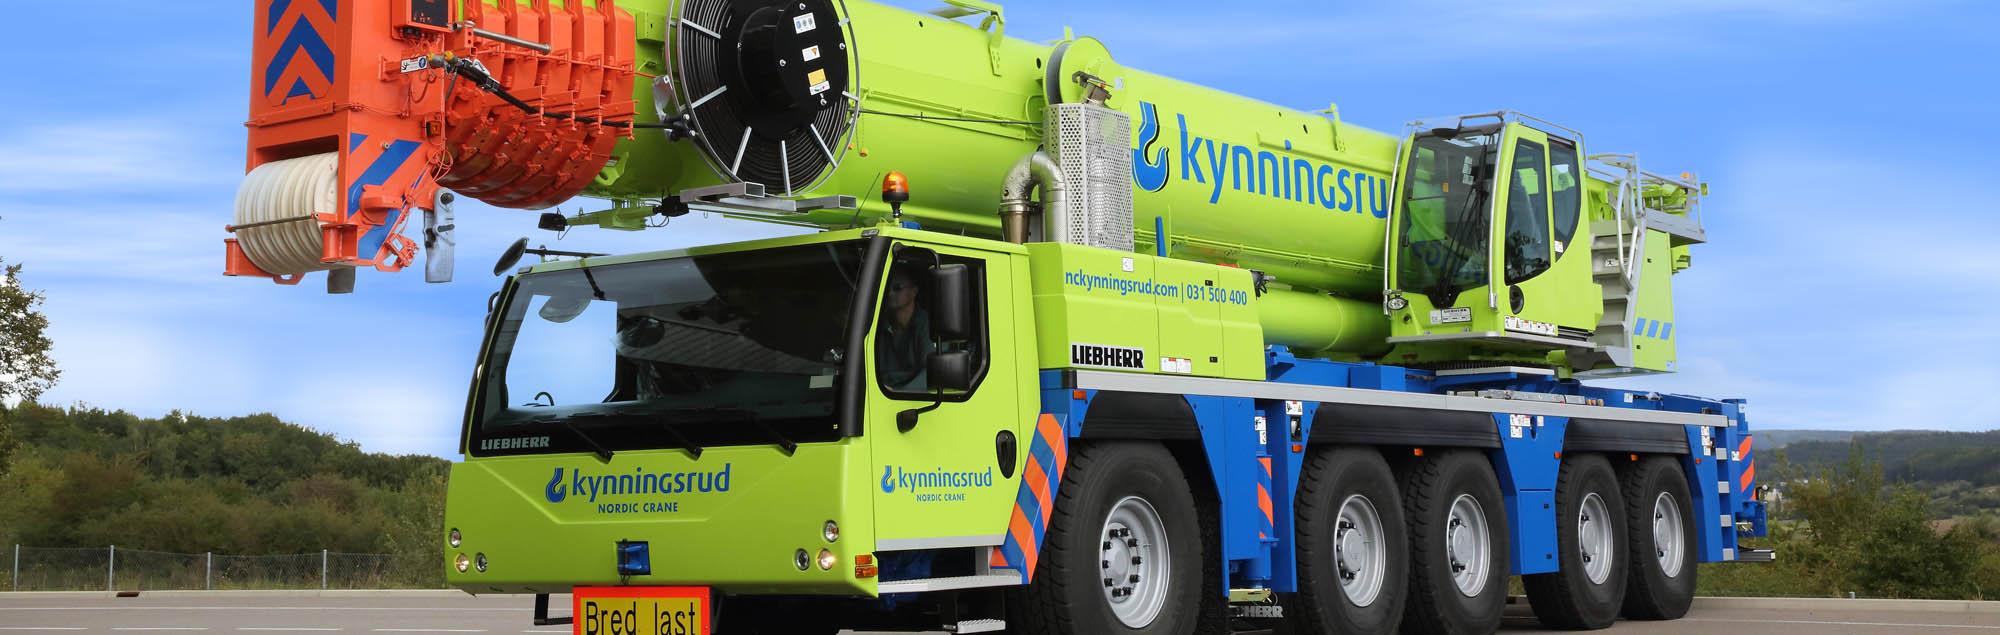 Köper WBM Hyrkranar i Stockholm